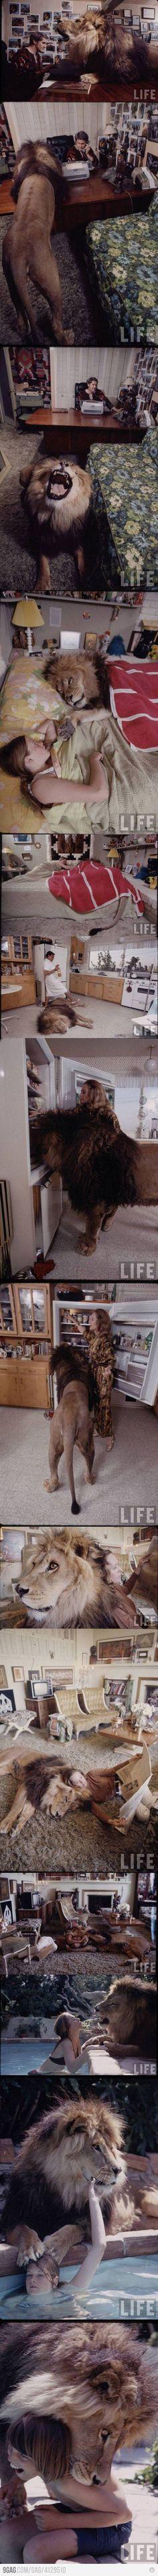 Pet Lion. sweet. lol